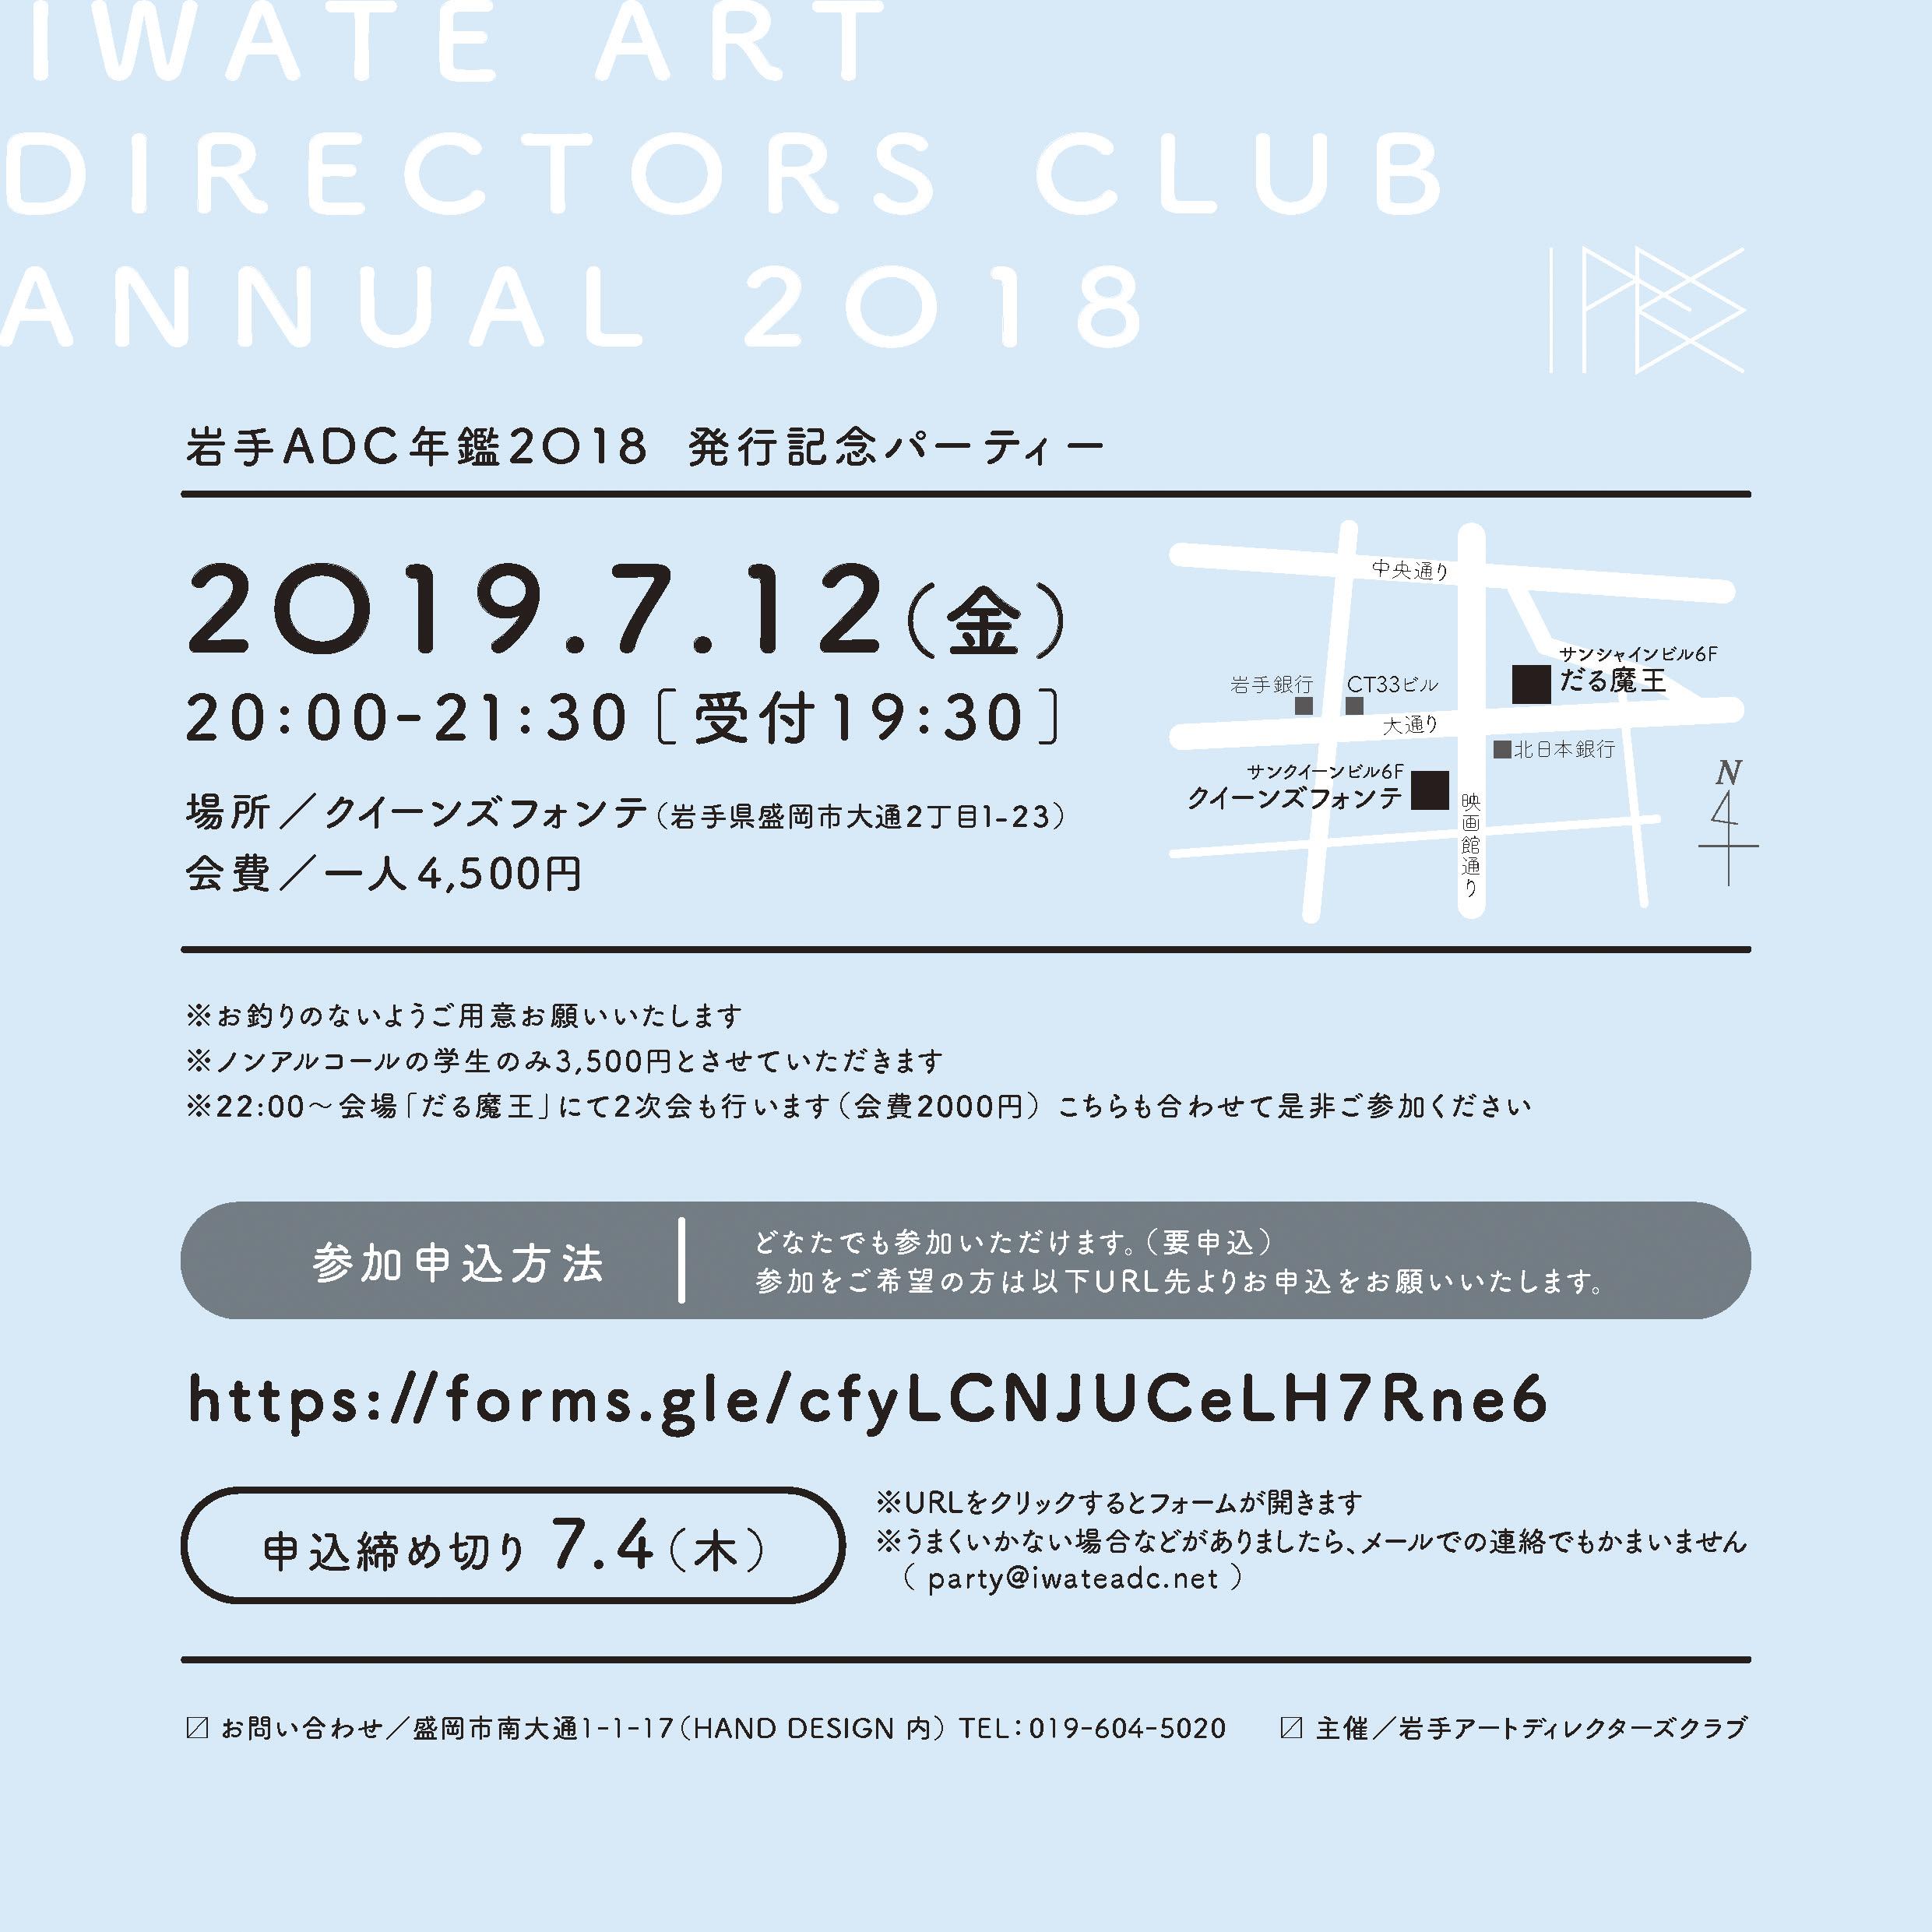 岩手ADC年鑑2018 発行記念パーティー 開催のお知らせ